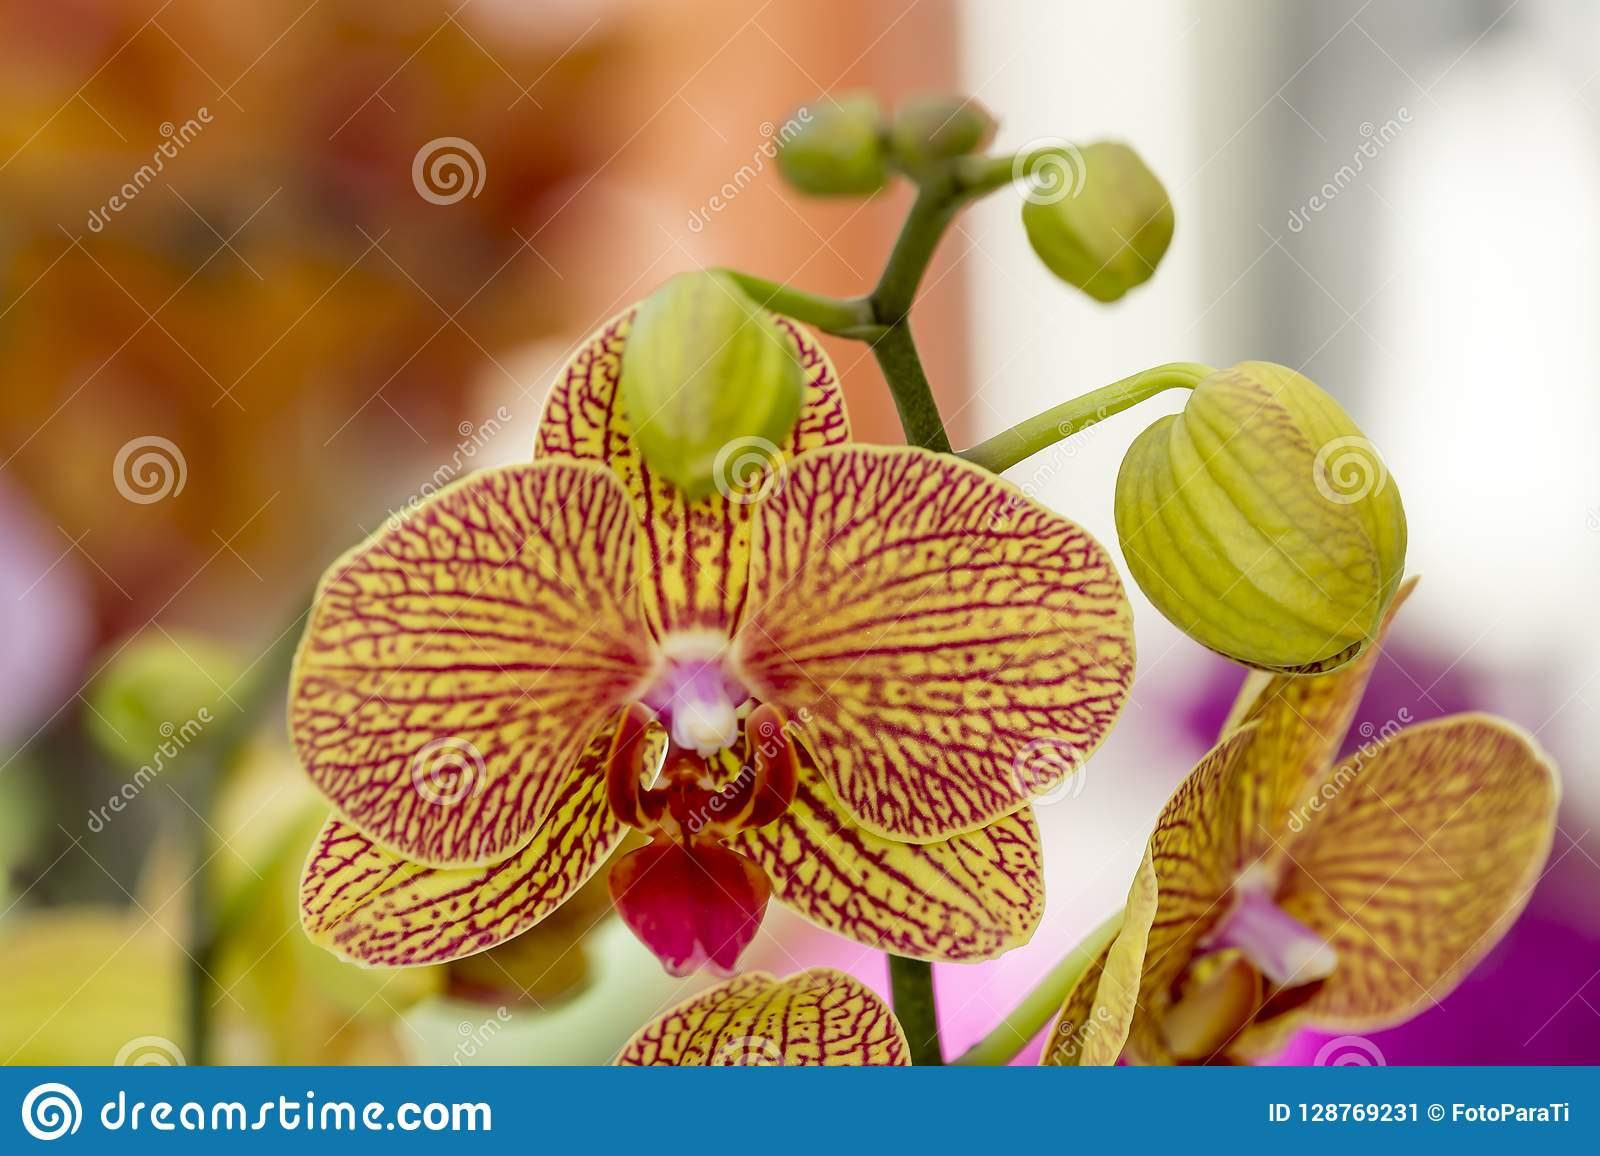 Запоминающаяся желтая орхидея — описание и сорта, их фото. выращивание цветов